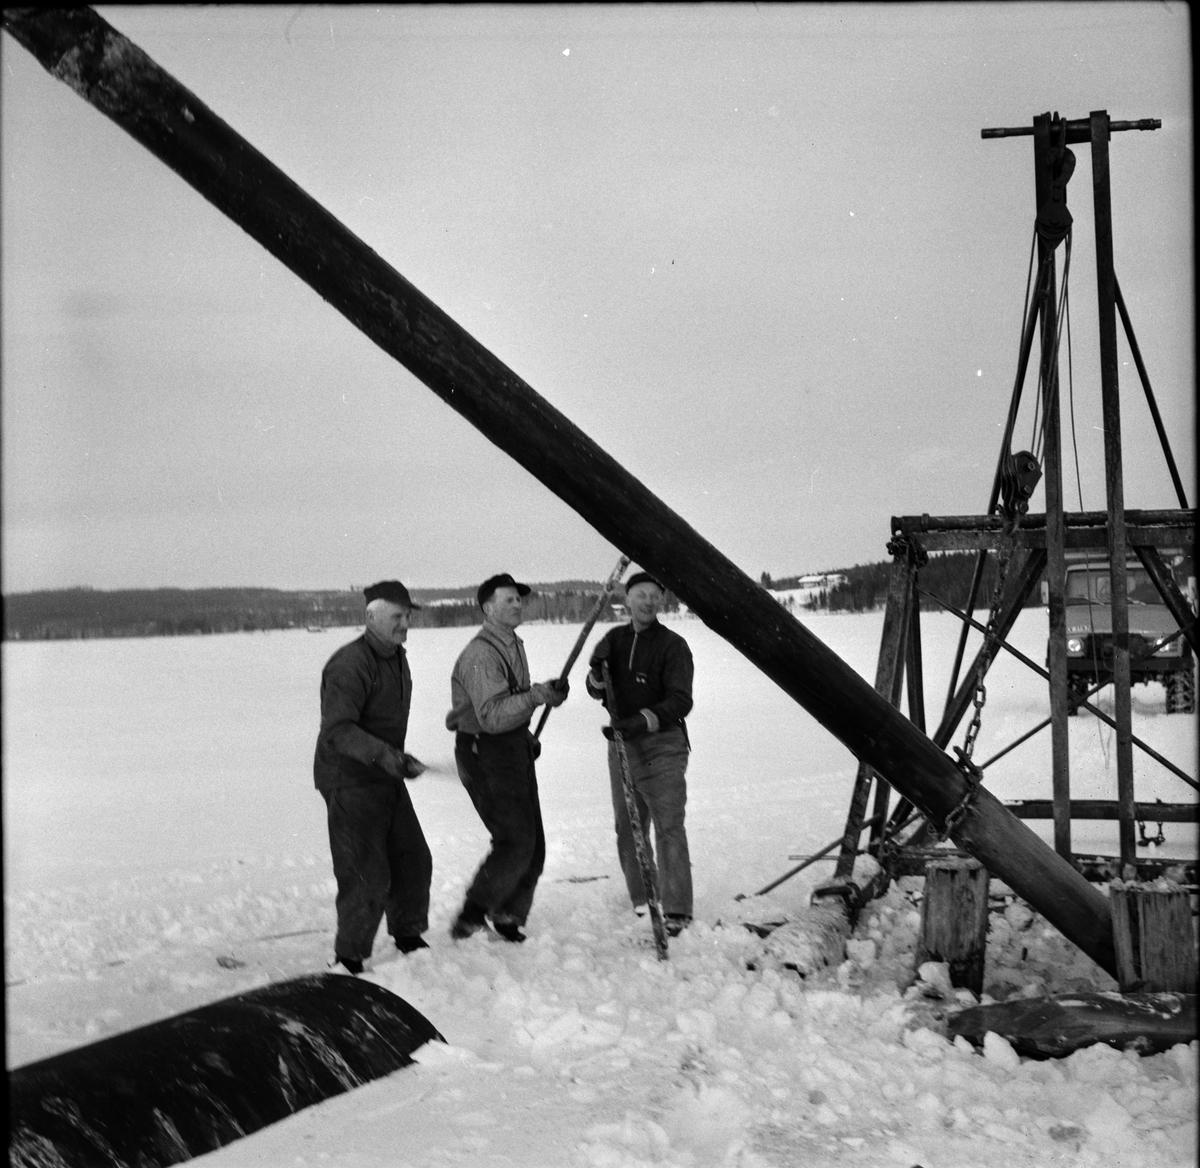 Arbrå, Rensning av Kyrksjön, 20 Februari 1968